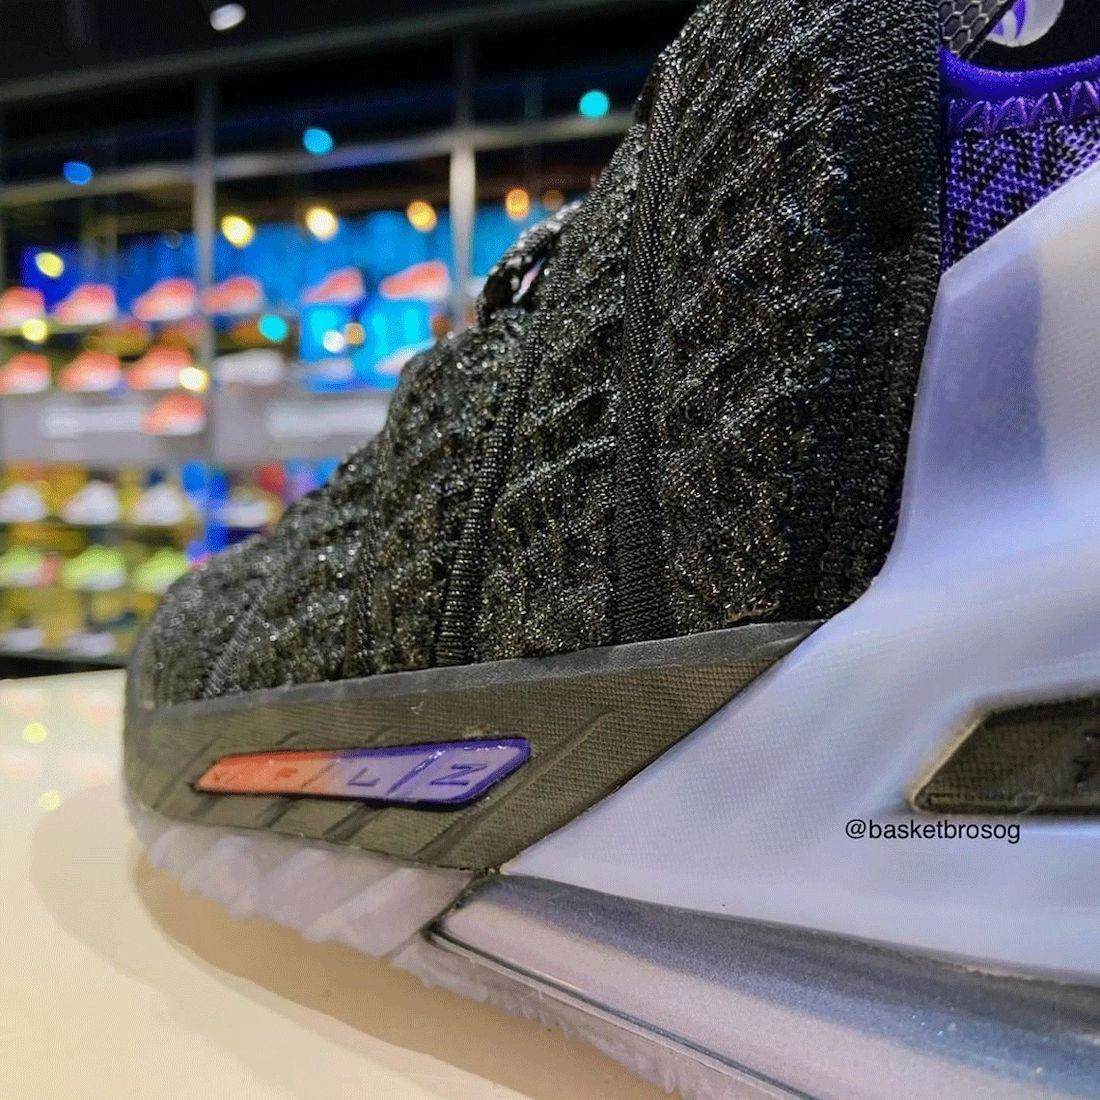 Kylian Mbappé Nike LeBron 18 Release Date Info